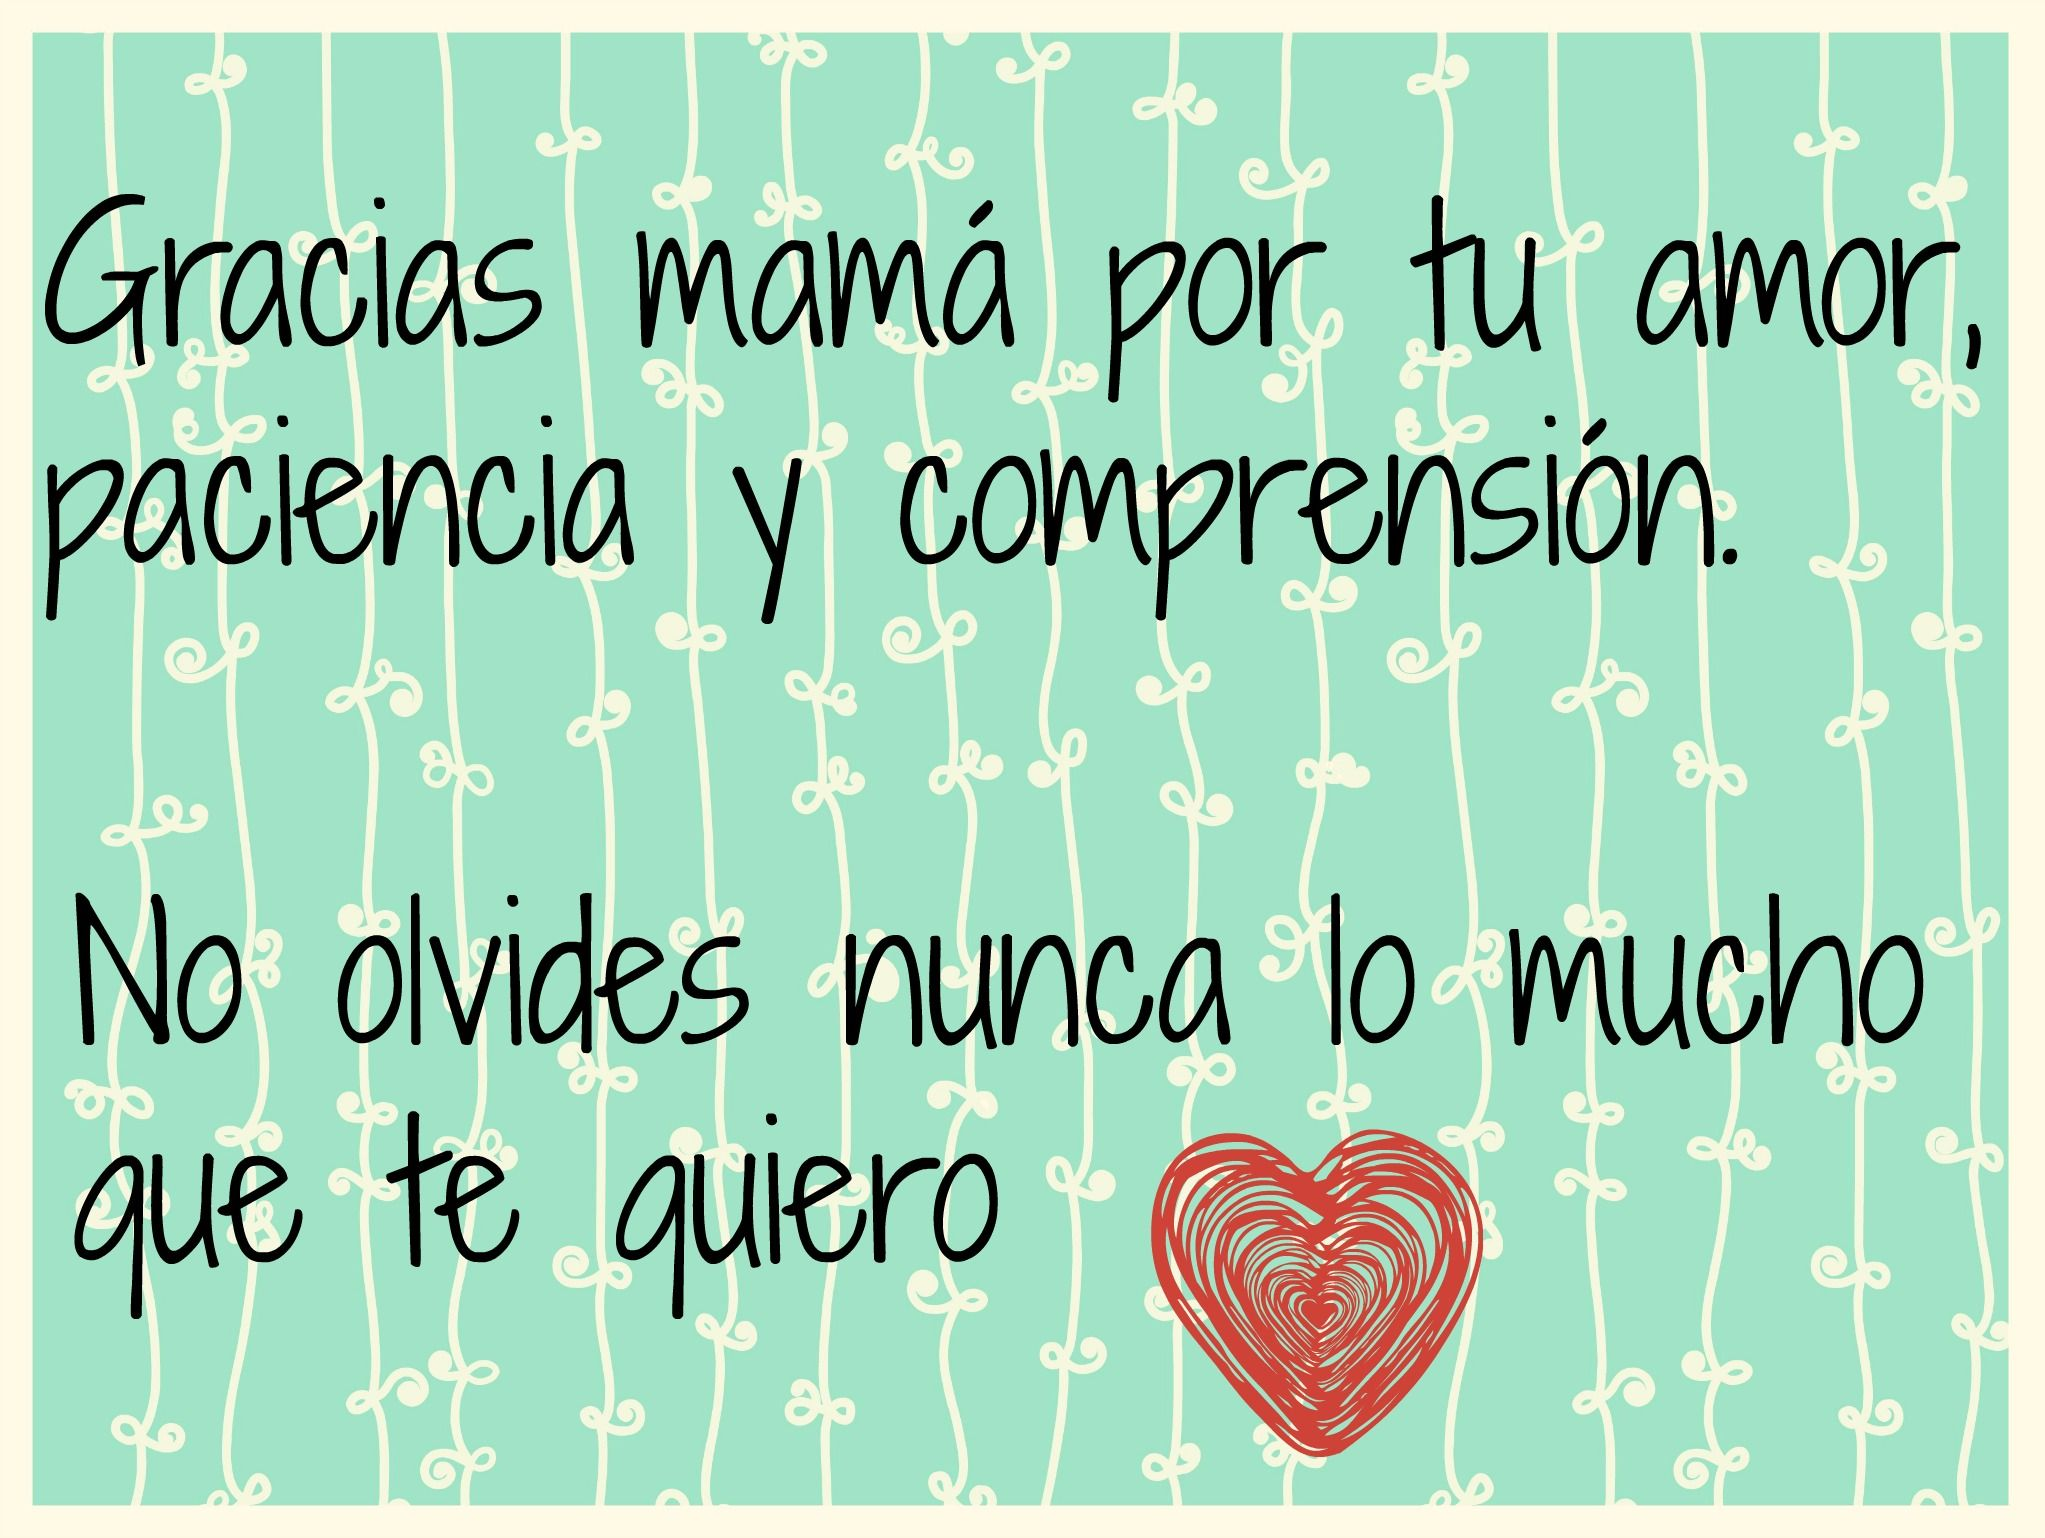 mama-te-quiero...   Frases de agradecimiento, Frases hermosas para mama,  Feliz día mamá frases